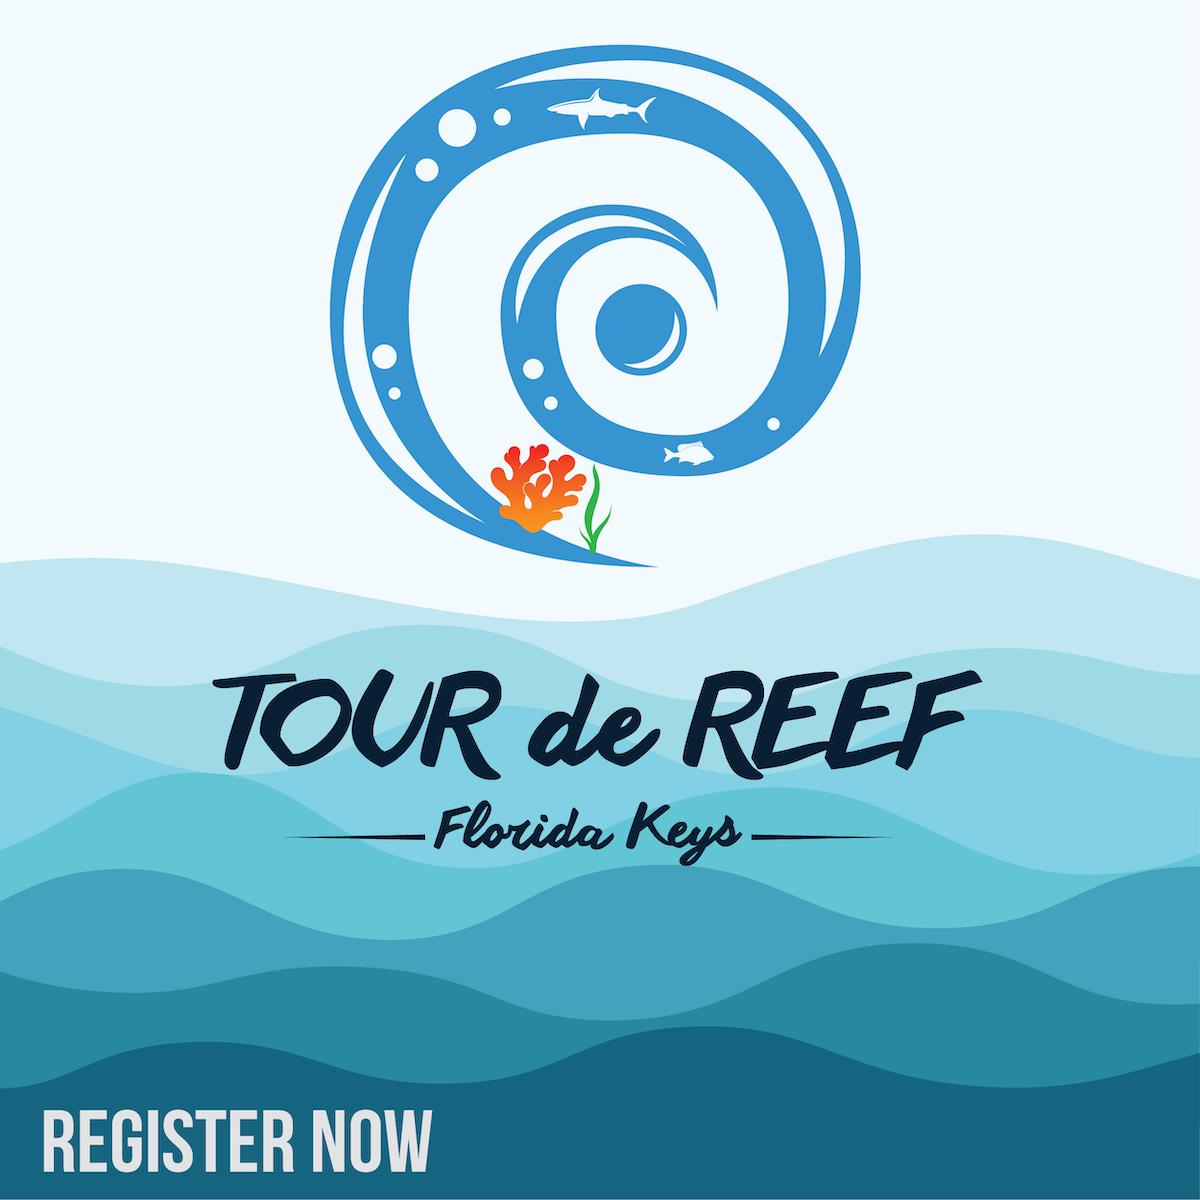 Tour De Reef 2019